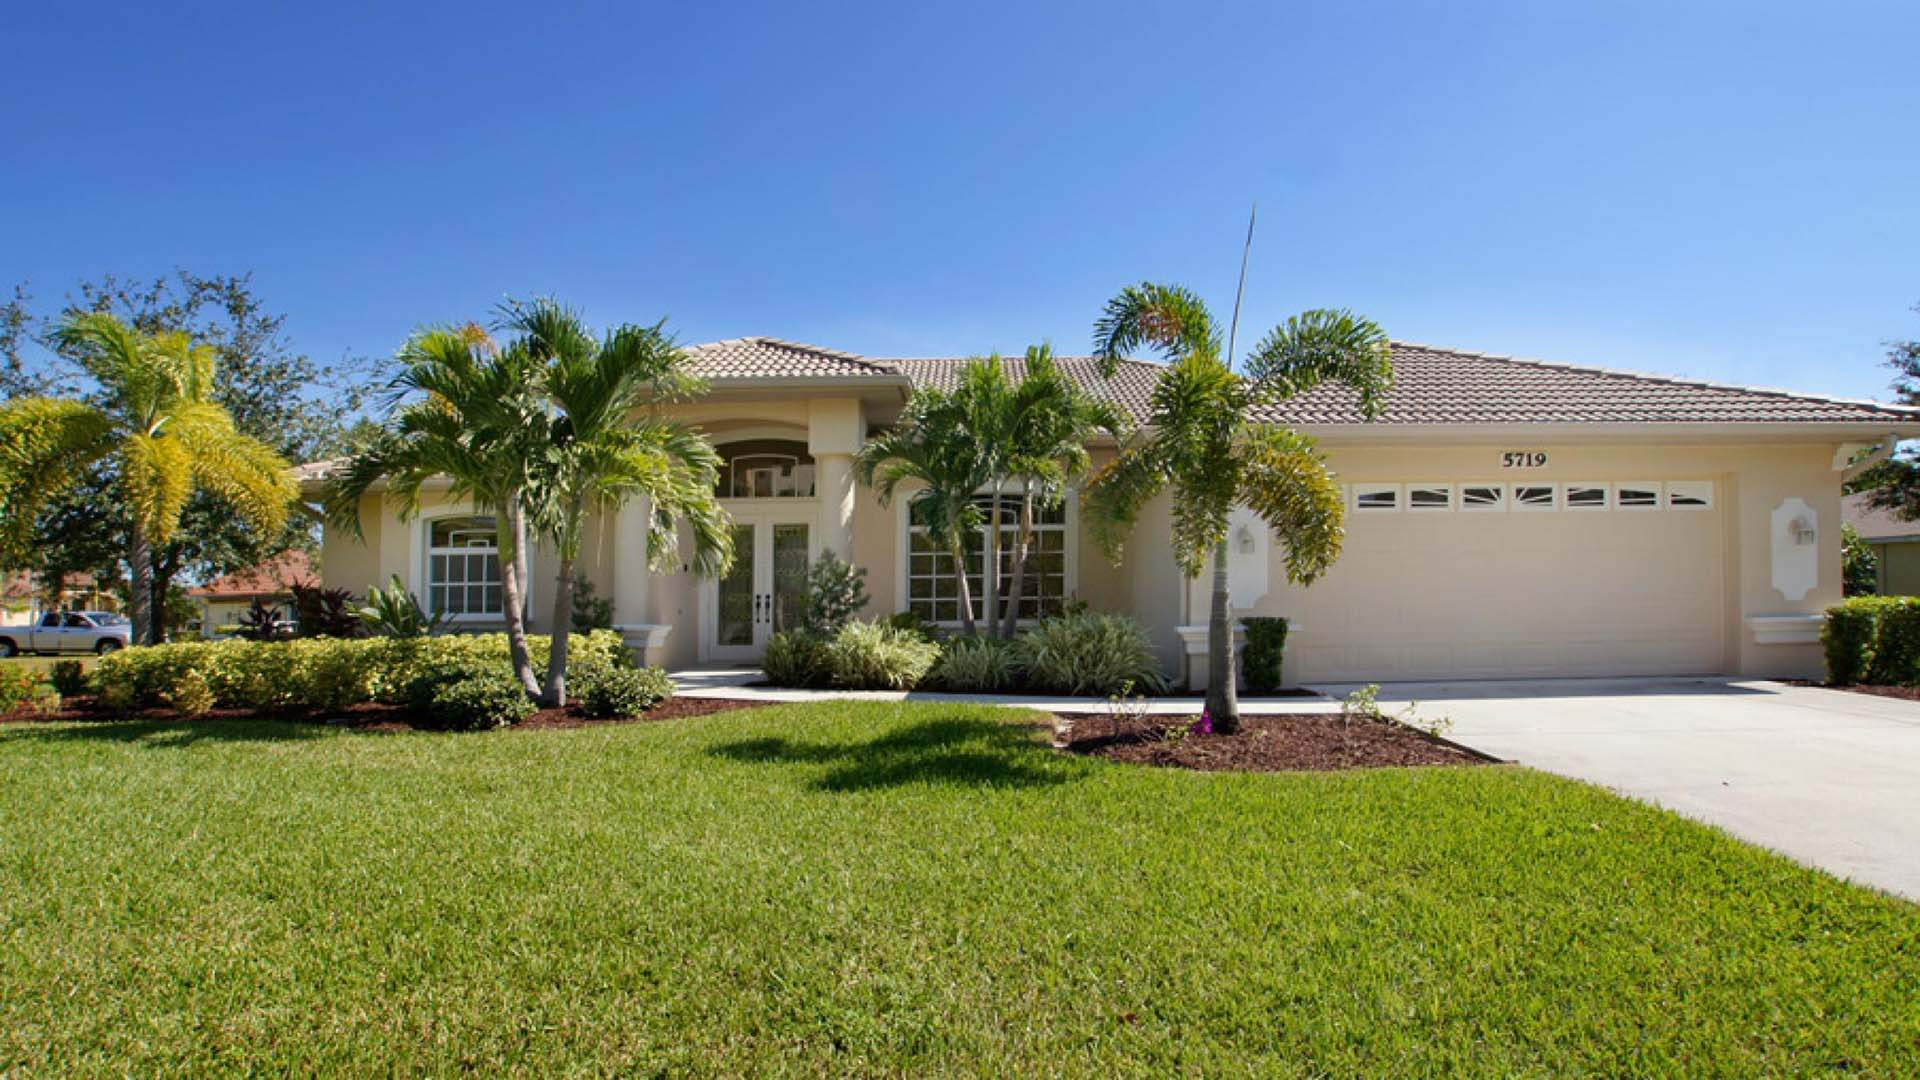 Ein Paradebeispiel für ein modernes Ferienhaus in Florida